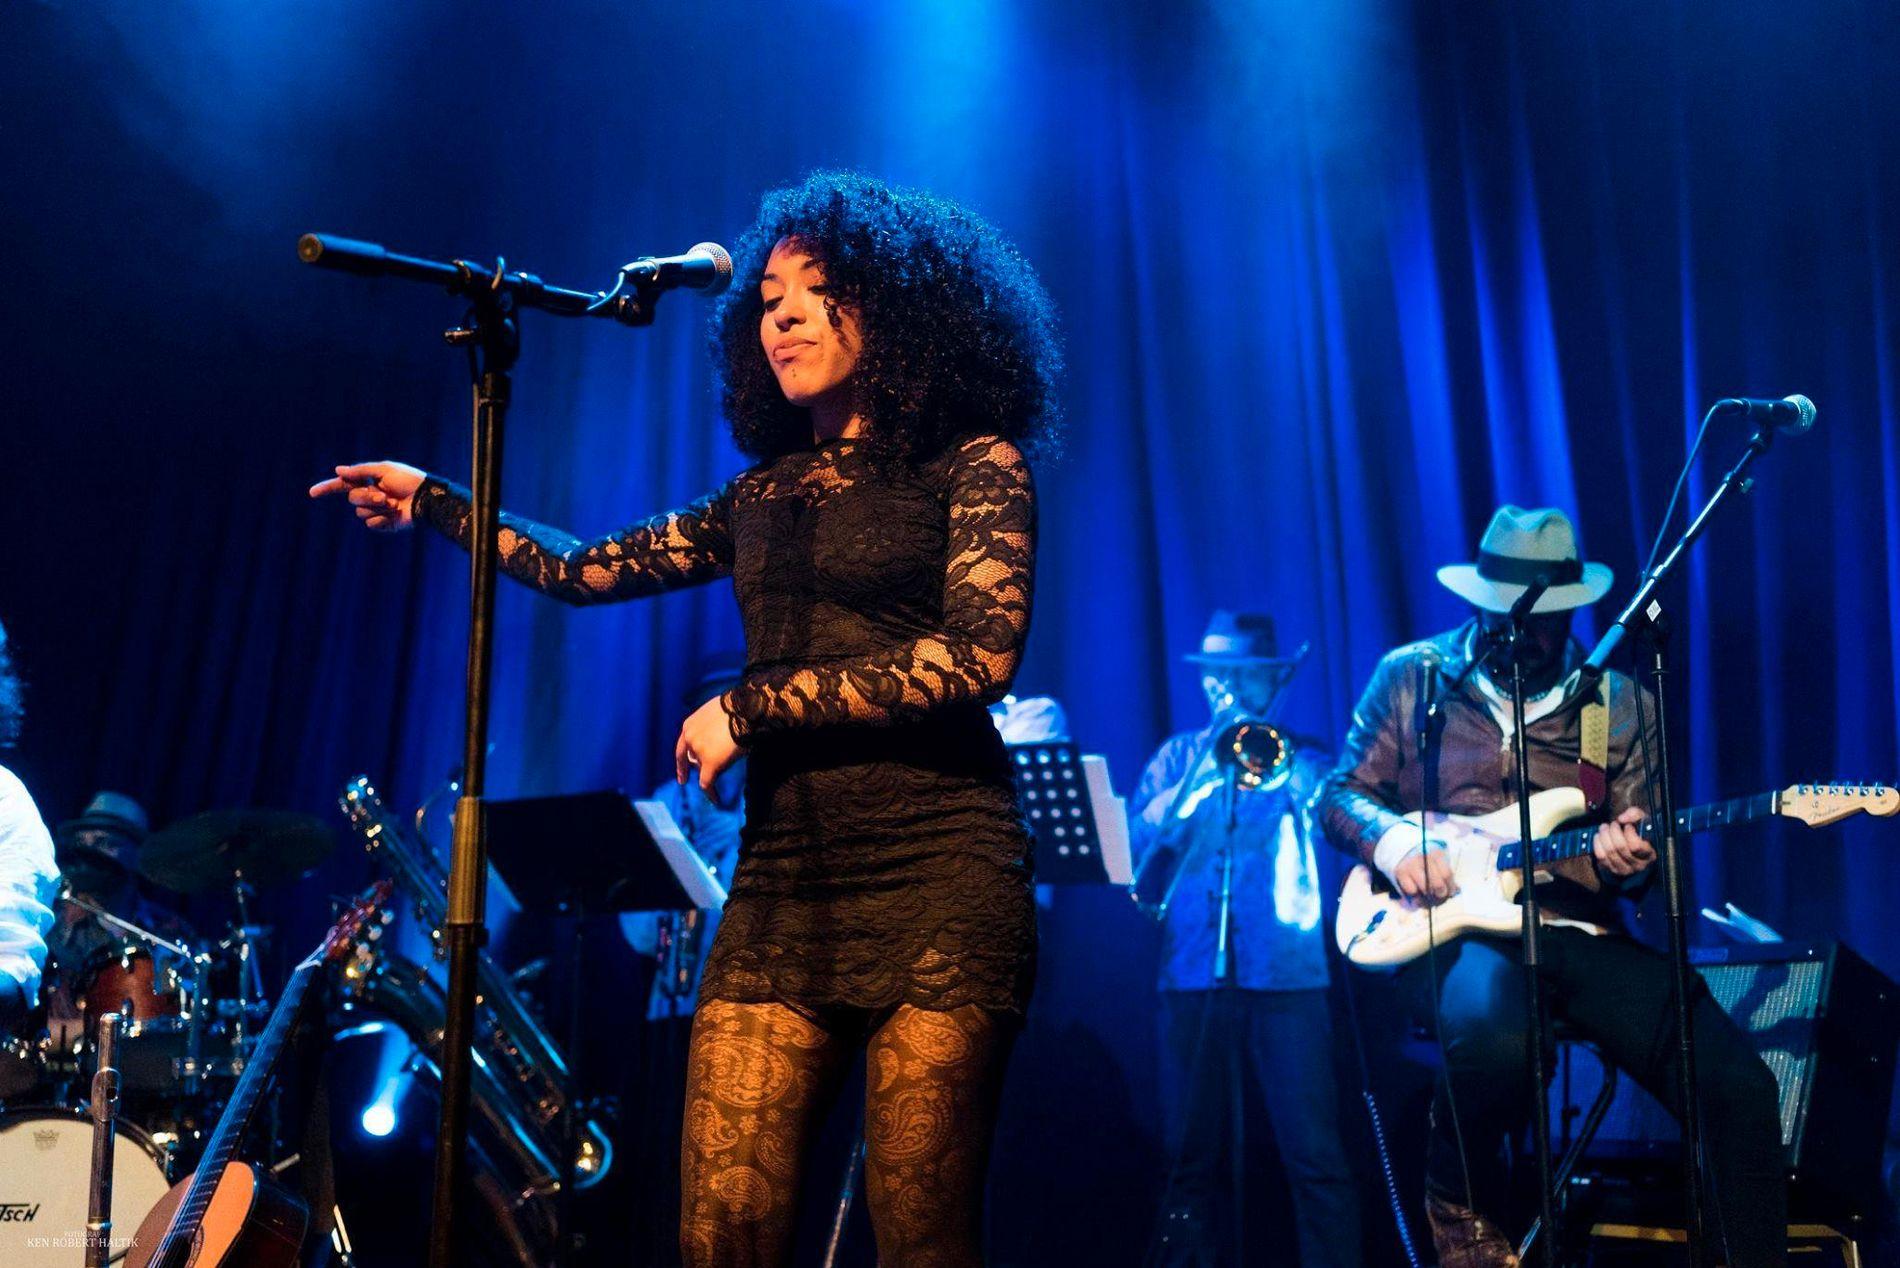 DANSBART: Lille Havanna er inne i sin åttende sesong. Det finnes et marked for tropisk musikk i Bergen.